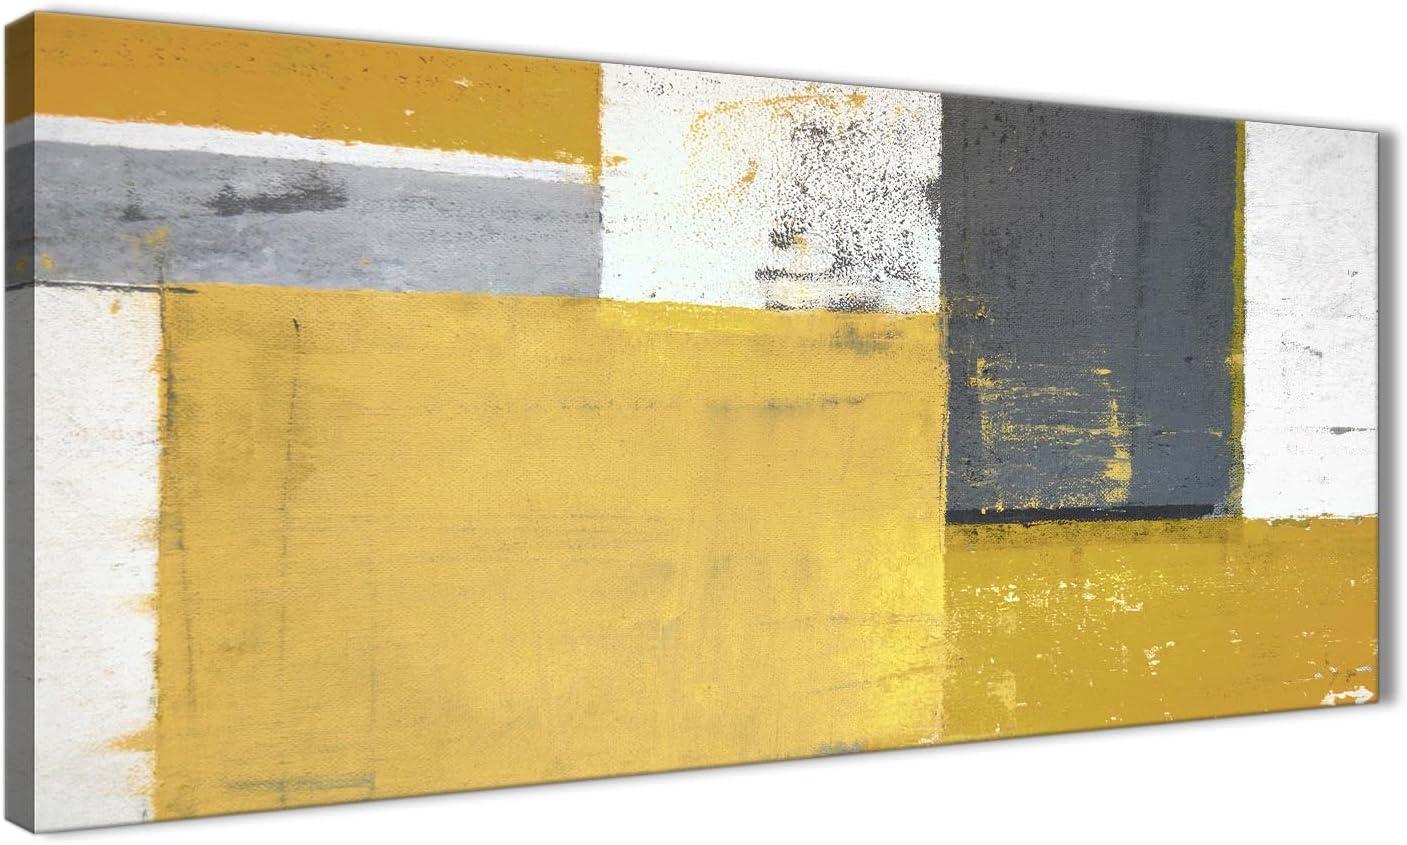 Lienzo decorativo abstracto para pared, 120 cm de ancho, colores mostaza, amarillo y gris